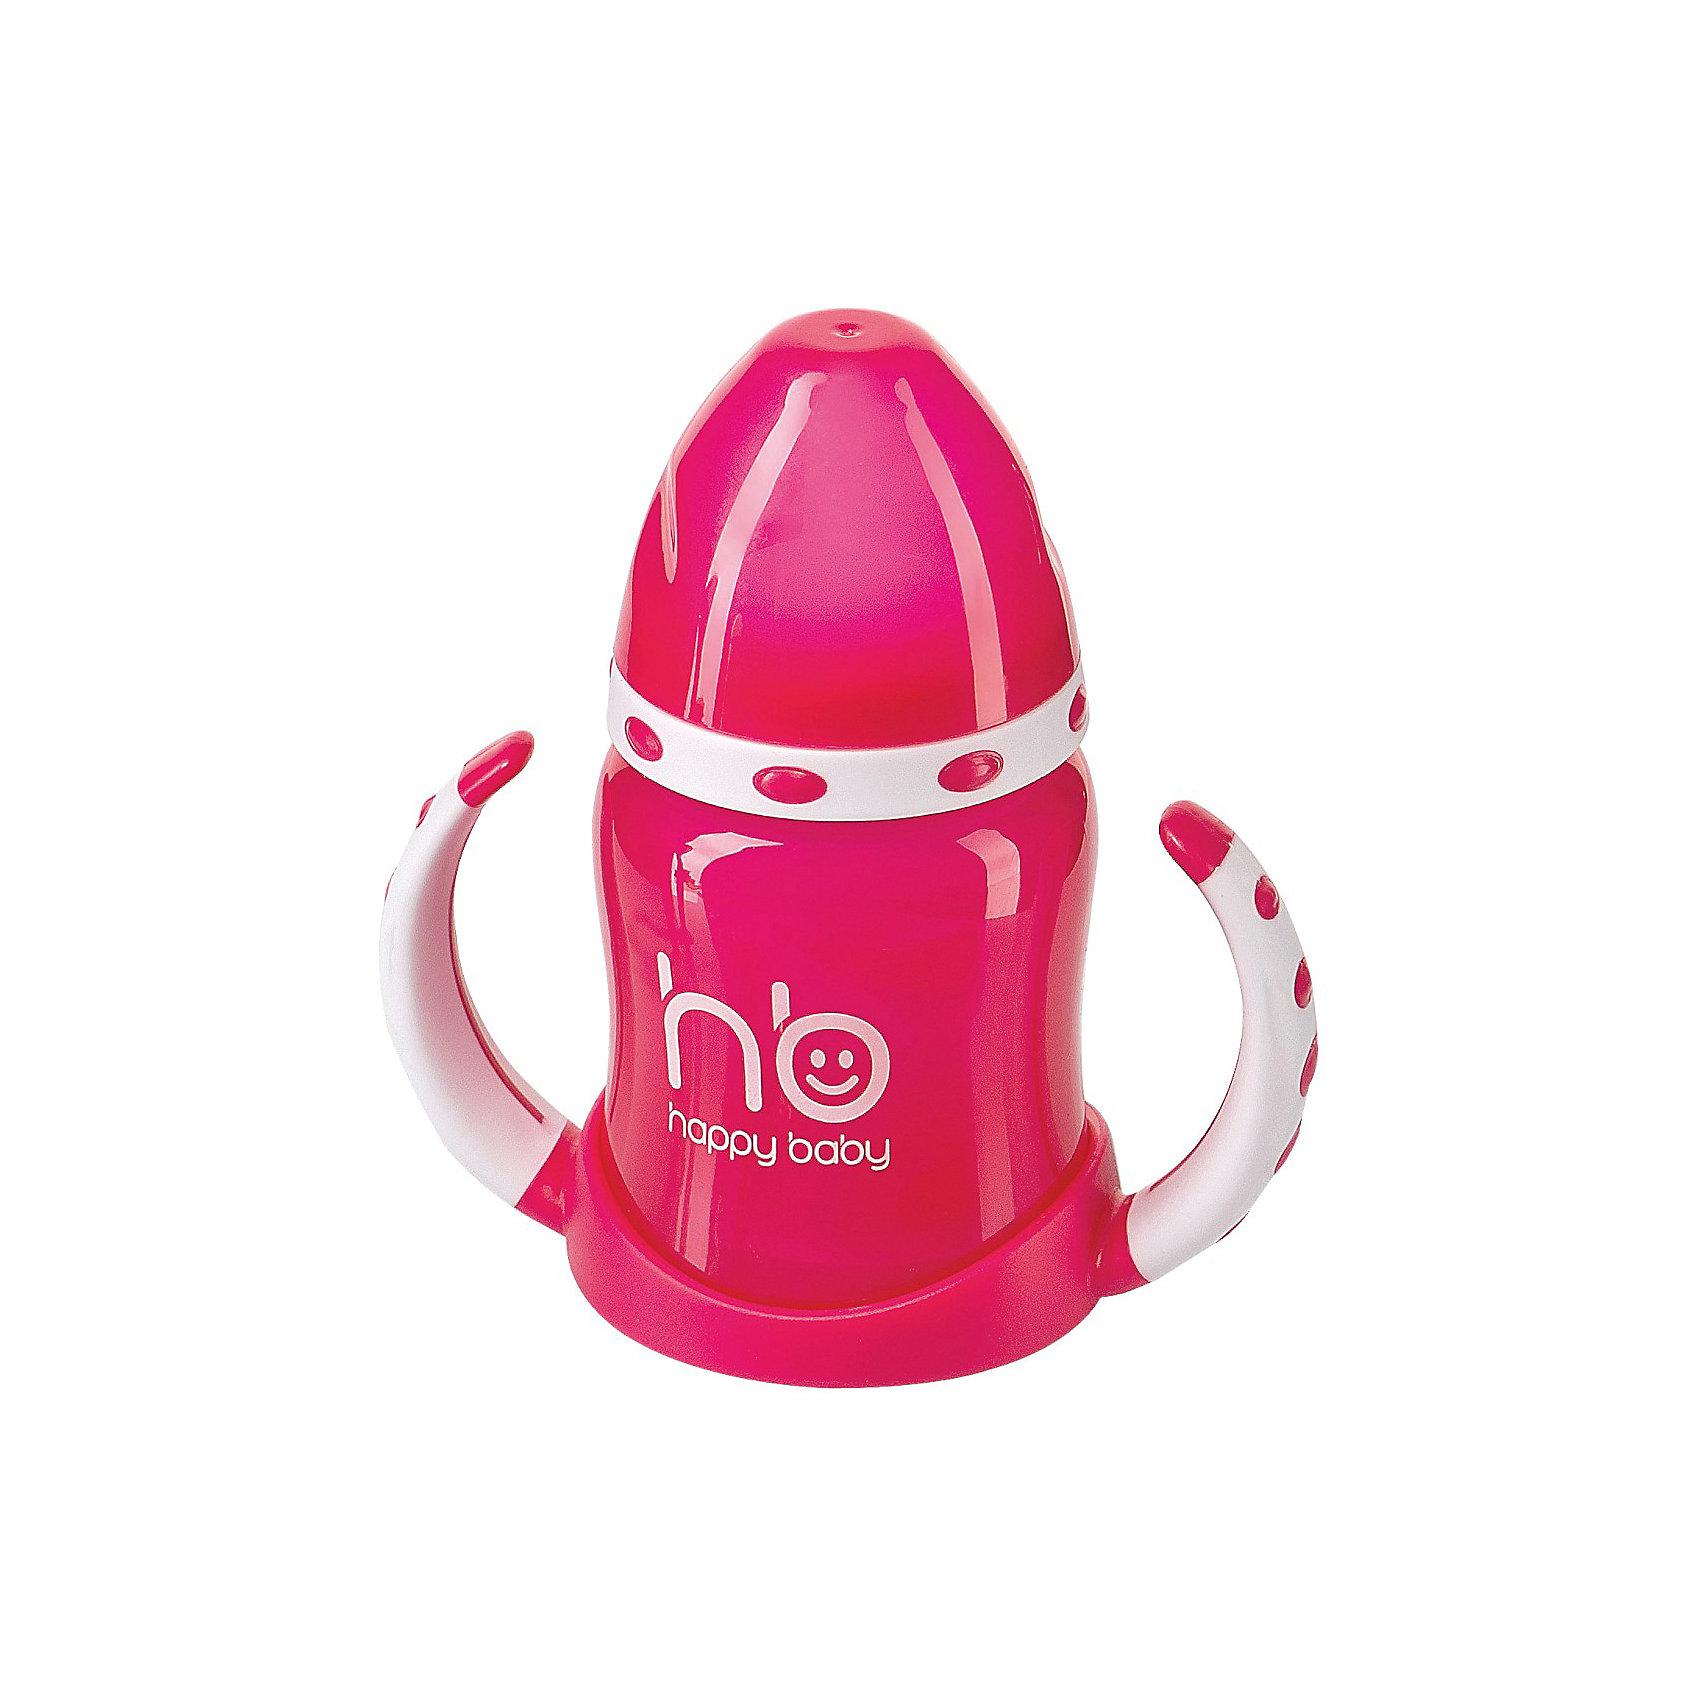 Поильник с двумя тренировочными клапанами ERGO CUP, 180мл., Happy Baby, красныйПоильники<br>Поильник с двумя тренировочными клапанами ERGO CUP, 180мл., Happy Baby (Хэппи Бэби), красный - обязательно понравится вашему  малышу.<br>Сразу пить из обычной кружки – непосильная задача для маленького ребенка. Нестандартный поильник с эргономичными ручками от Happy Baby подготовит его к очередной важной вехе развития. Два тренировочных клапана научат регулировать скорость всасывания. Герметичная выгнутая крышка защитит сок, молоко от грязи и пыли, которых не избежать на прогулке. Изготовлен поильник из современных безопасных материалов. Поильник прост в уходе - его удобно мыть, чистить, собирать и разбирать.<br><br>Дополнительная информация:<br><br>- Объем: 180 мл.<br>- Материал: полипропилен, силикон, ТПЭ<br>- Герметичная крышка<br>– Эргономичные ручки<br>– 2 клапана в комплекте<br>- Уход: мыть теплой водой с мылом, тщательно ополаскивать. Сушить при комнатной температуре.<br>- Вымыть перед первым использованием<br><br>Поильник с двумя тренировочными клапанами ERGO CUP, 180мл., Happy Baby (Хэппи Бэби), красный можно купить в нашем интернет-магазине.<br><br>Ширина мм: 510<br>Глубина мм: 90<br>Высота мм: 290<br>Вес г: 150<br>Возраст от месяцев: 6<br>Возраст до месяцев: 36<br>Пол: Унисекс<br>Возраст: Детский<br>SKU: 3564186